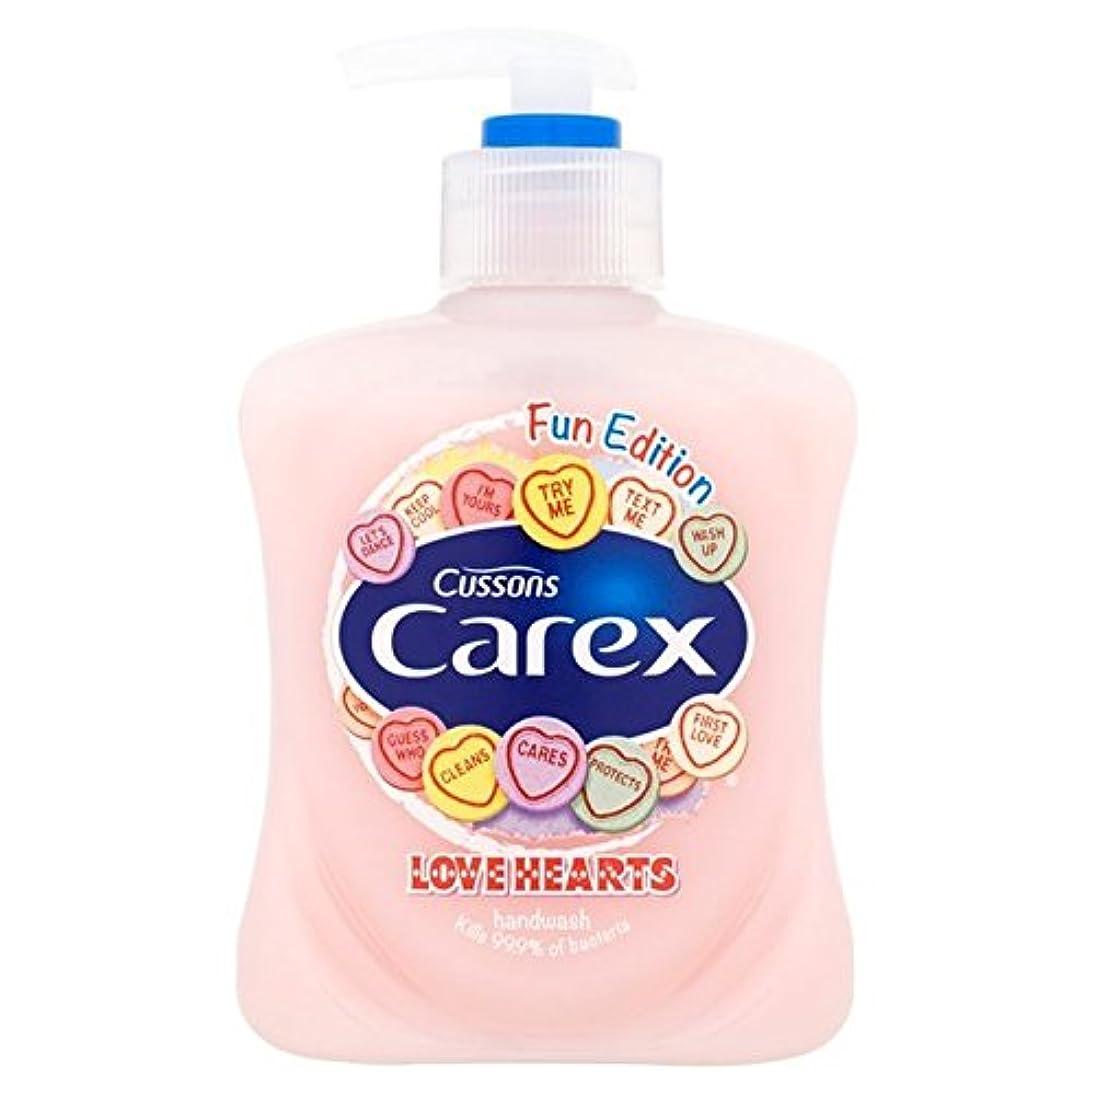 例示する役に立つ肉腫Carex Fun Edition Love Hearts Hand Wash 250ml - スゲ楽しい版愛の心のハンドウォッシュ250ミリリットル [並行輸入品]